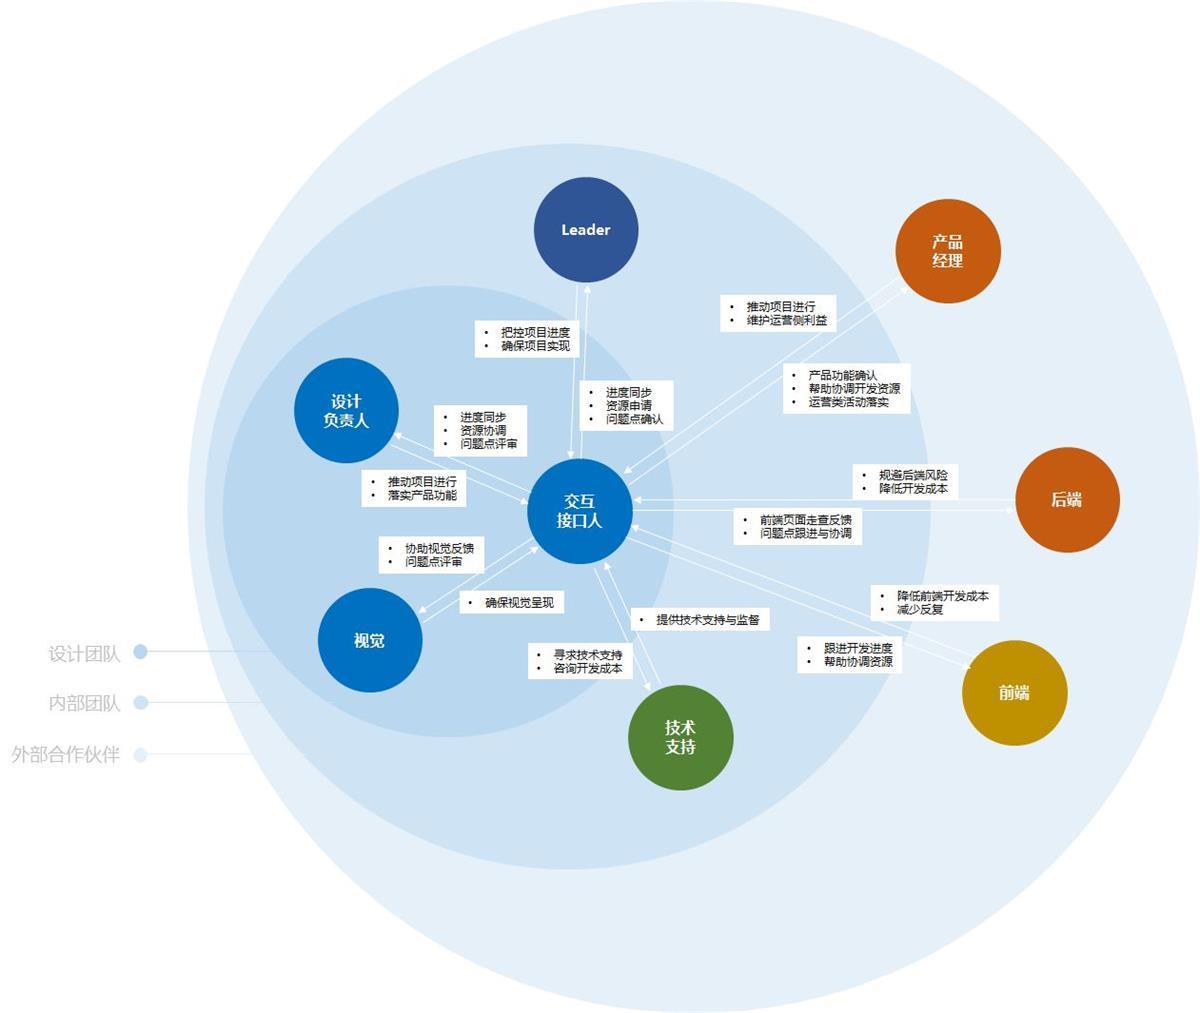 腾讯CDC:如何有效进行跨团队、多角色的沟通?